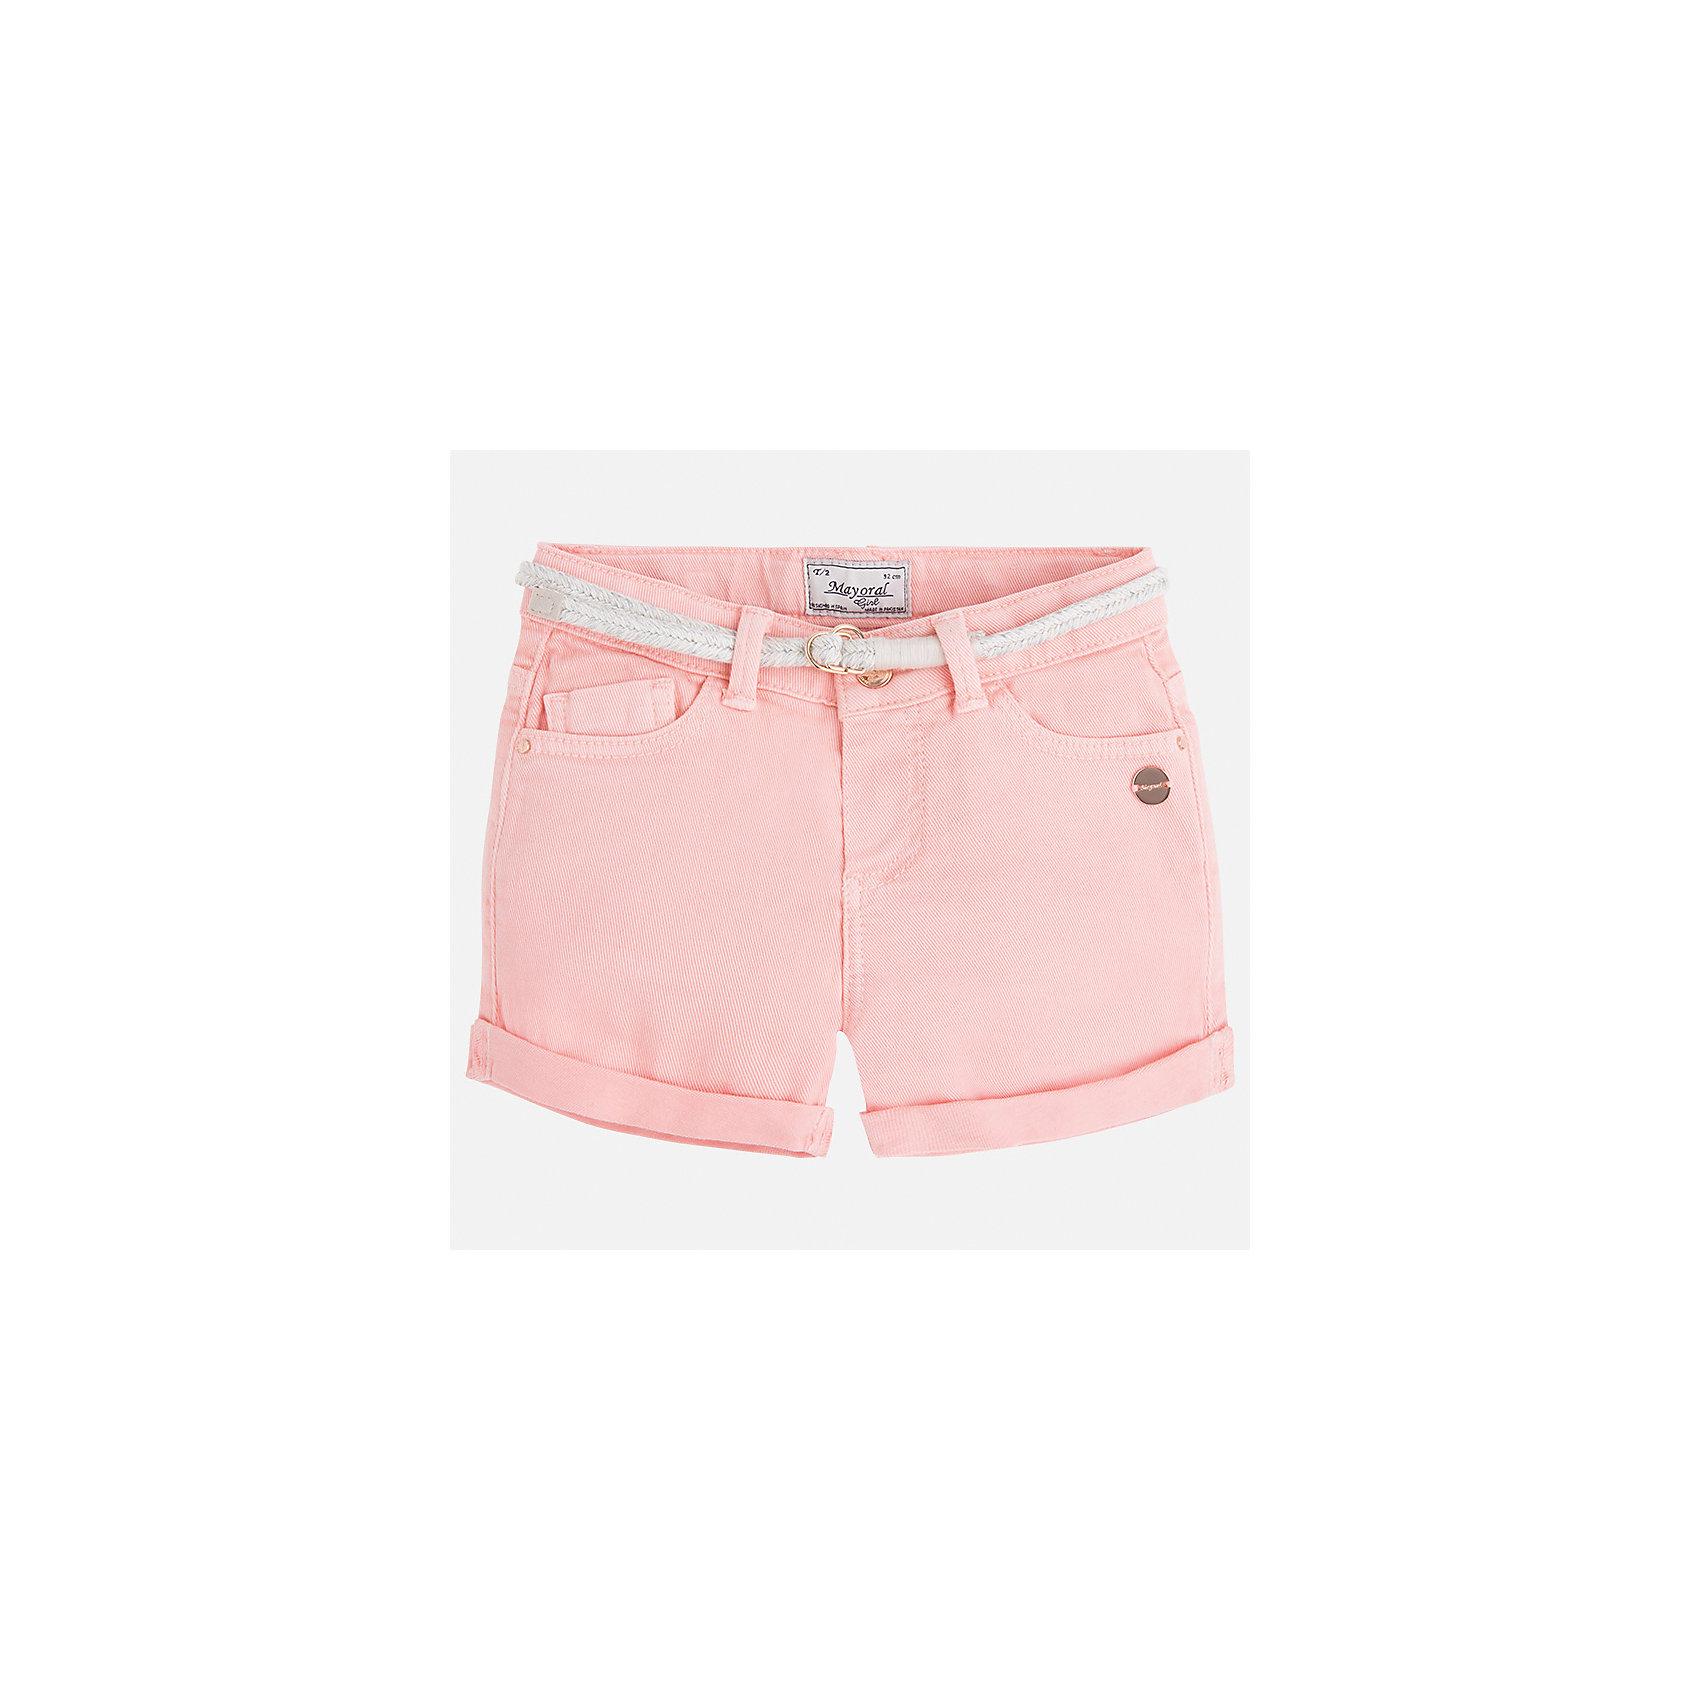 Шорты для девочки MayoralШорты, бриджи, капри<br>Характеристики товара:<br><br>• цвет: розовый<br>• состав: 98% хлопок, 2% эластан<br>• карманы<br>• шлевки<br>• пояс с регулировкой объема<br>• отвороты<br>• страна бренда: Испания<br><br>Модные легкие шорты для девочки смогут разнообразить гардероб ребенка и украсить наряд. Они отлично сочетаются с майками, футболками, блузками. Красивый оттенок позволяет подобрать к вещи верх разных расцветок. Интересный крой модели делает её нарядной и оригинальной. <br><br>Одежда, обувь и аксессуары от испанского бренда Mayoral полюбились детям и взрослым по всему миру. Модели этой марки - стильные и удобные. Для их производства используются только безопасные, качественные материалы и фурнитура. Порадуйте ребенка модными и красивыми вещами от Mayoral! <br><br>Шорты для девочки от испанского бренда Mayoral (Майорал) можно купить в нашем интернет-магазине.<br><br>Ширина мм: 191<br>Глубина мм: 10<br>Высота мм: 175<br>Вес г: 273<br>Цвет: розовый<br>Возраст от месяцев: 36<br>Возраст до месяцев: 48<br>Пол: Женский<br>Возраст: Детский<br>Размер: 104,134,98,110,116,122,128<br>SKU: 5288556